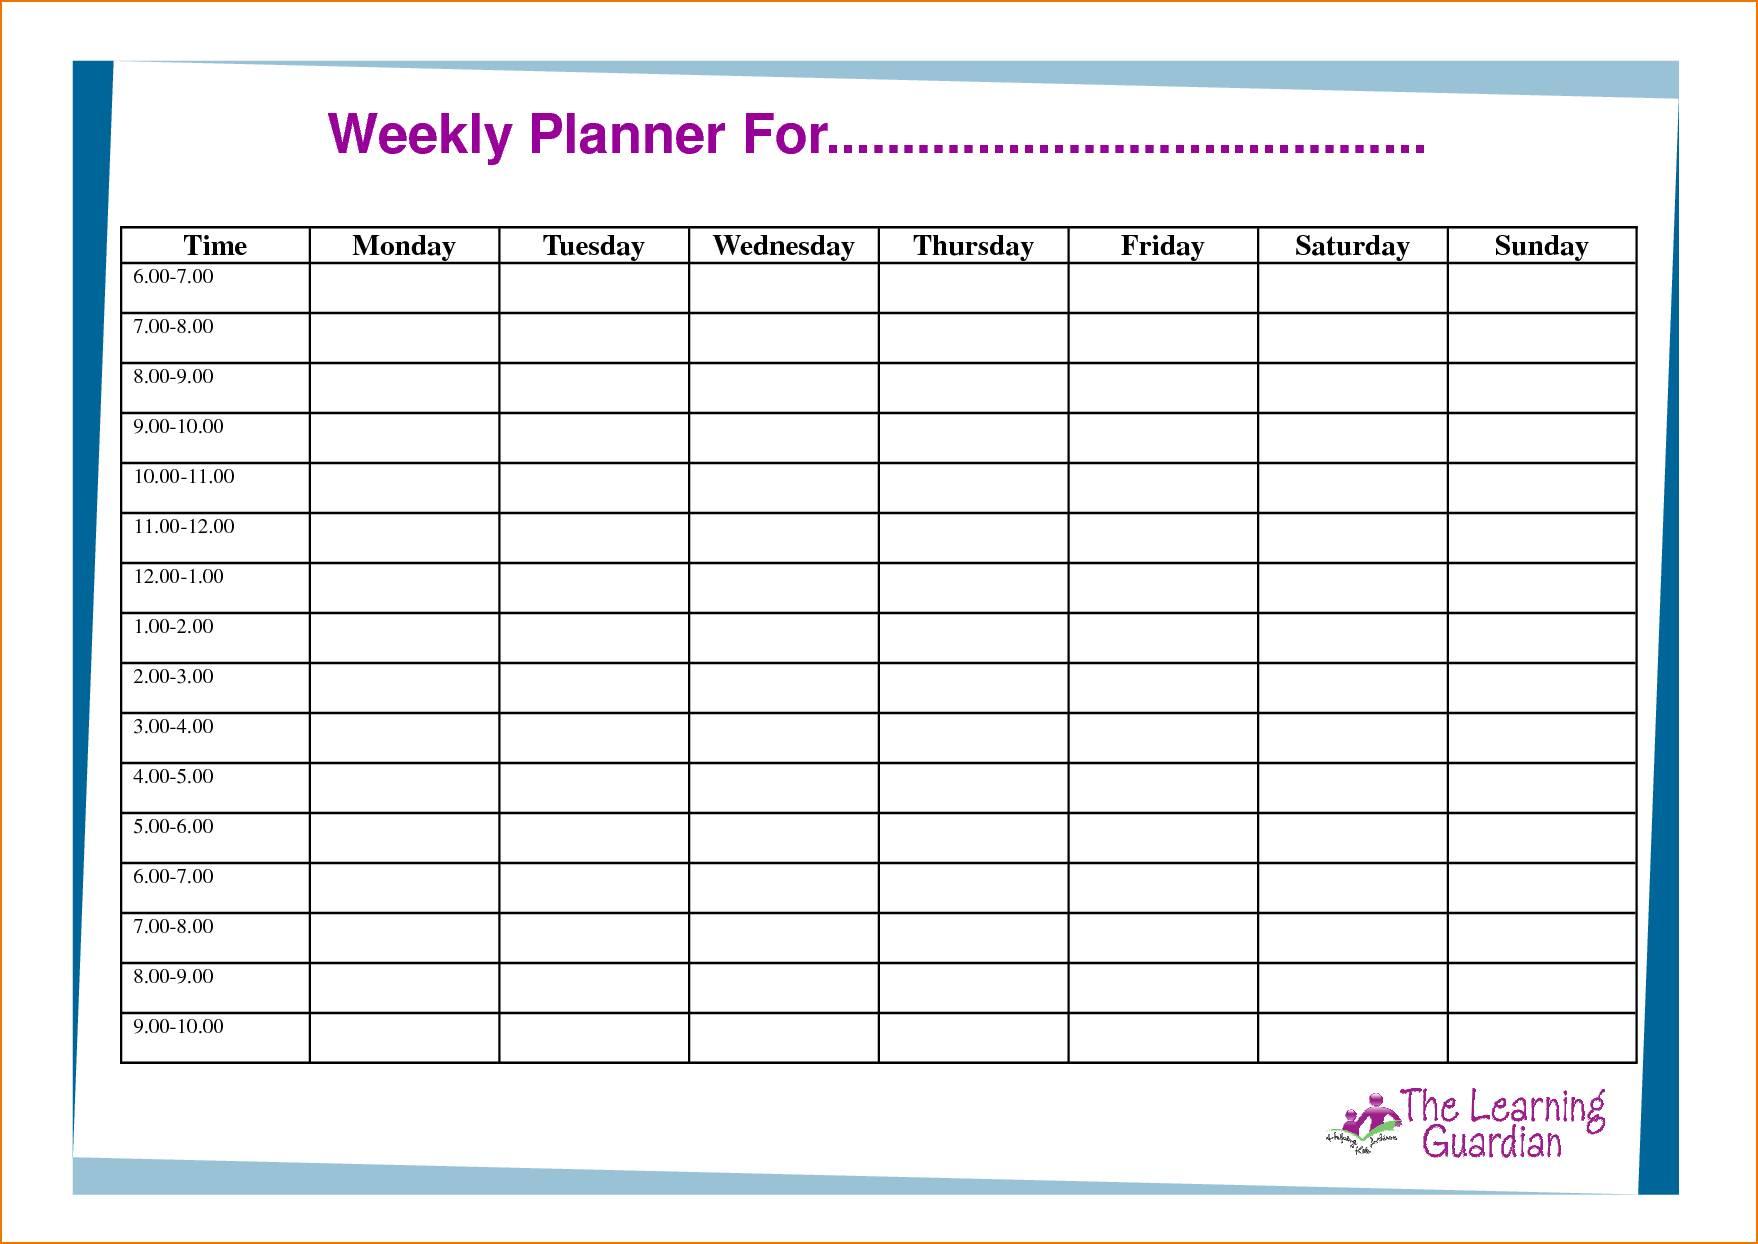 Weekly Schedule Grid Template